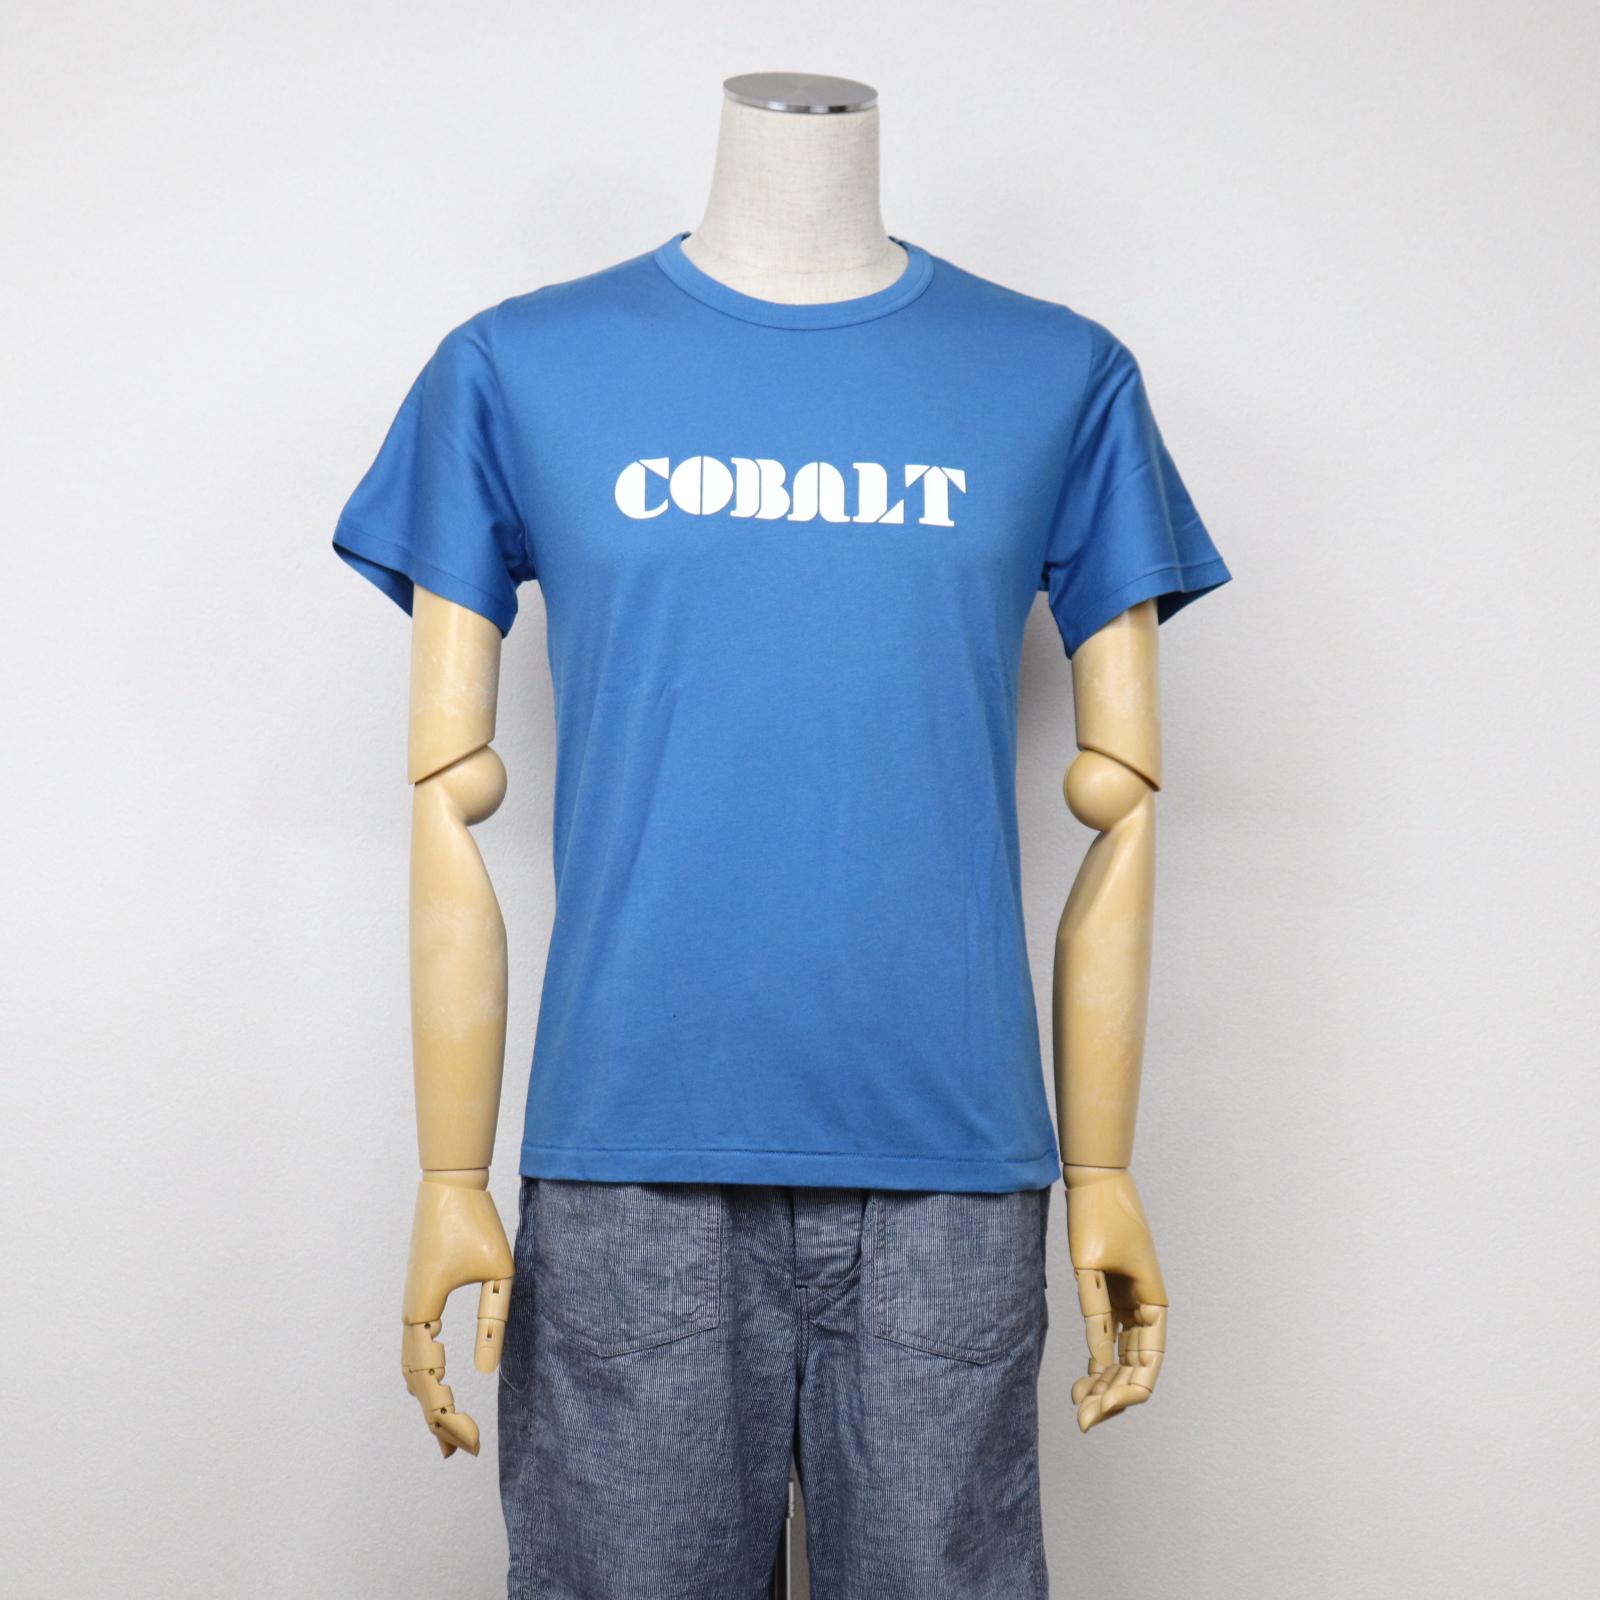 ドッツ ウェア デザイン/Dots wear design 着圧ロゴプリントTシャツ 70%OFF 価格4,125円(税込) 未使用